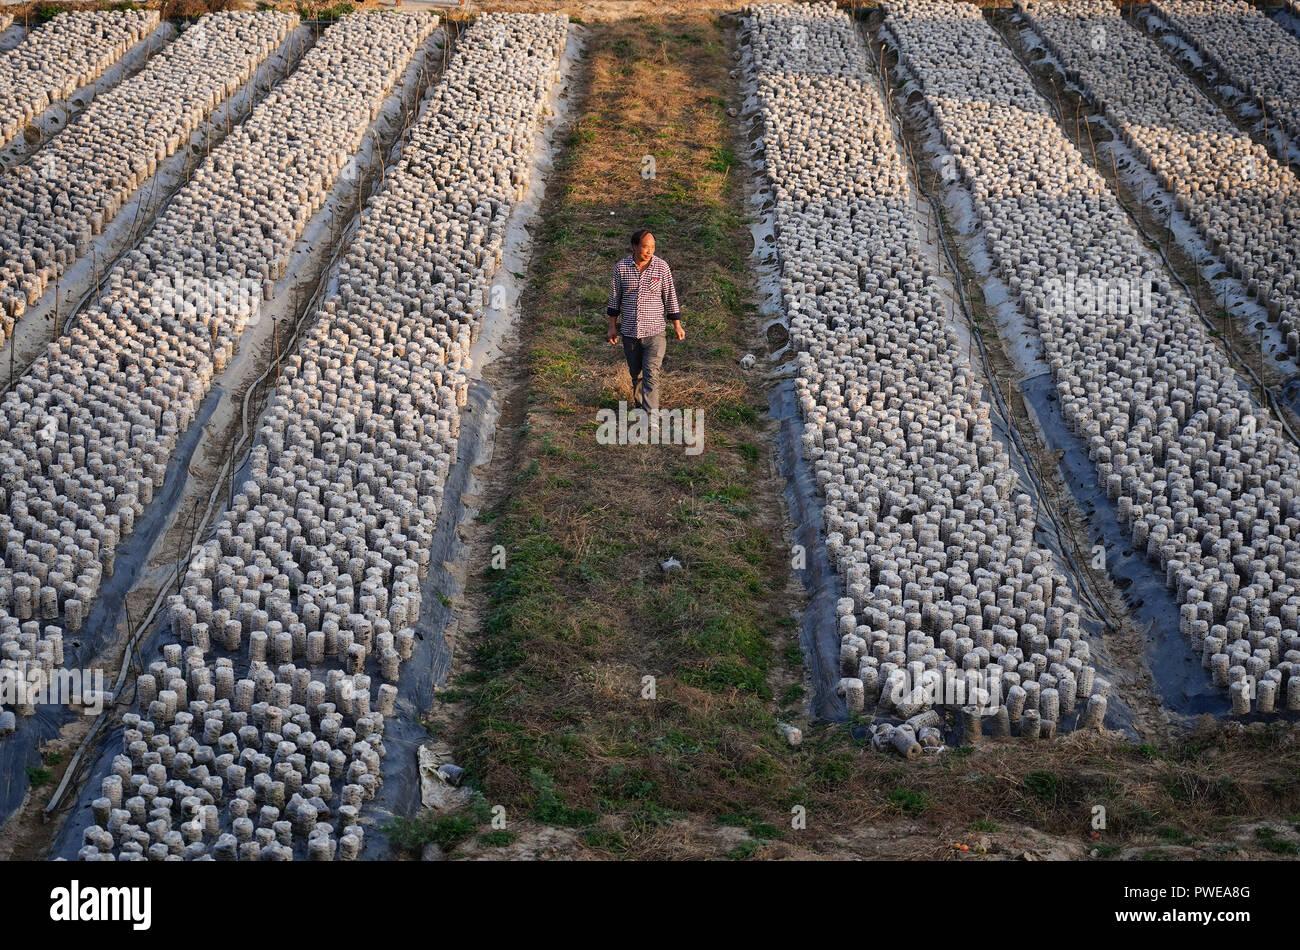 Que Planter En Octobre Sous Serre luochuan, province de shaanxi en chine. 15 oct, 2018